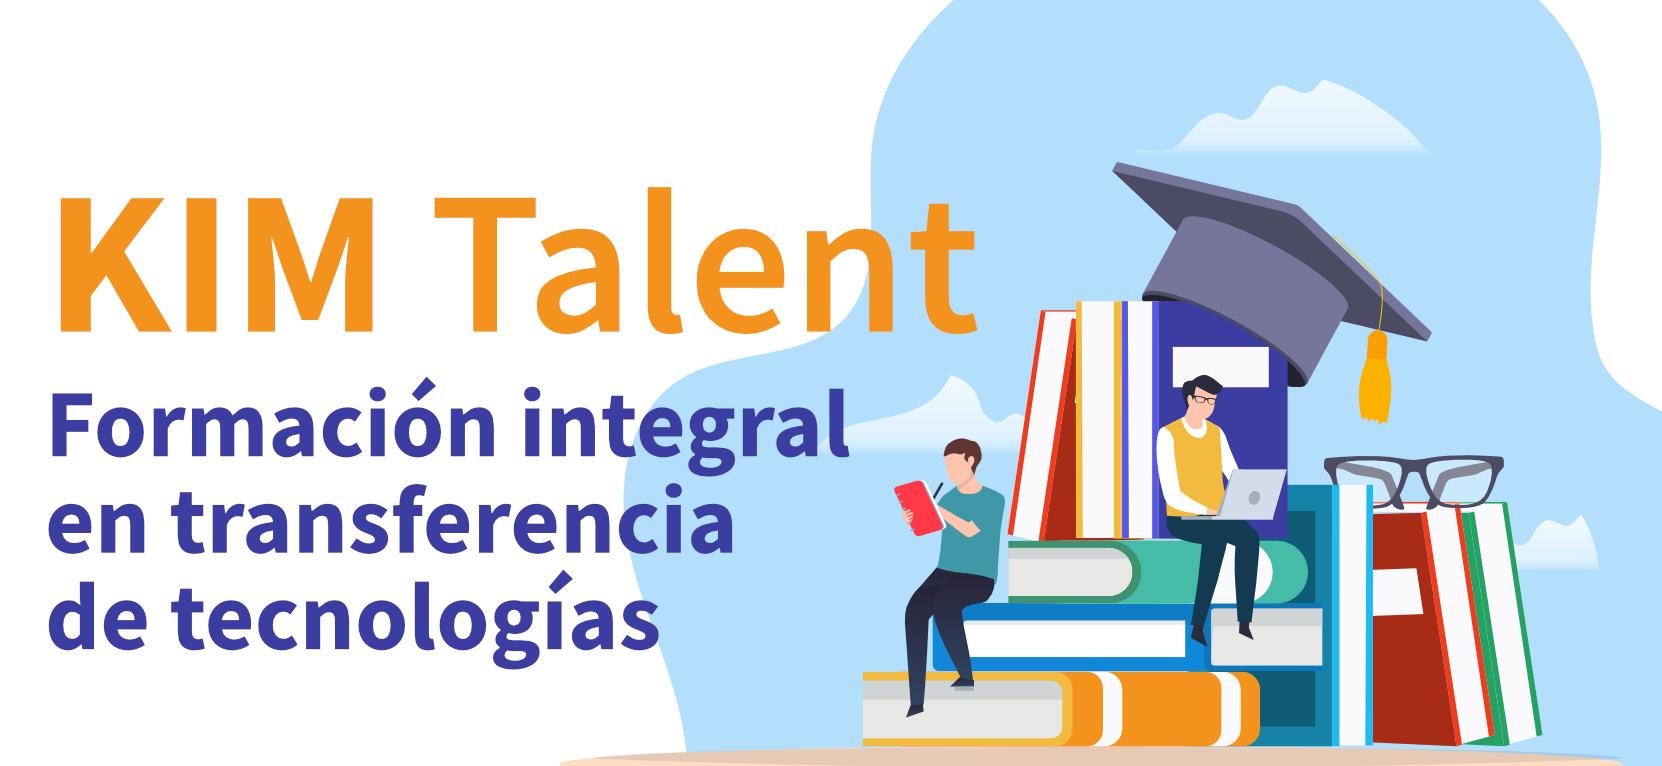 KIM Talent: Formación integral en transferencia de tecnologías